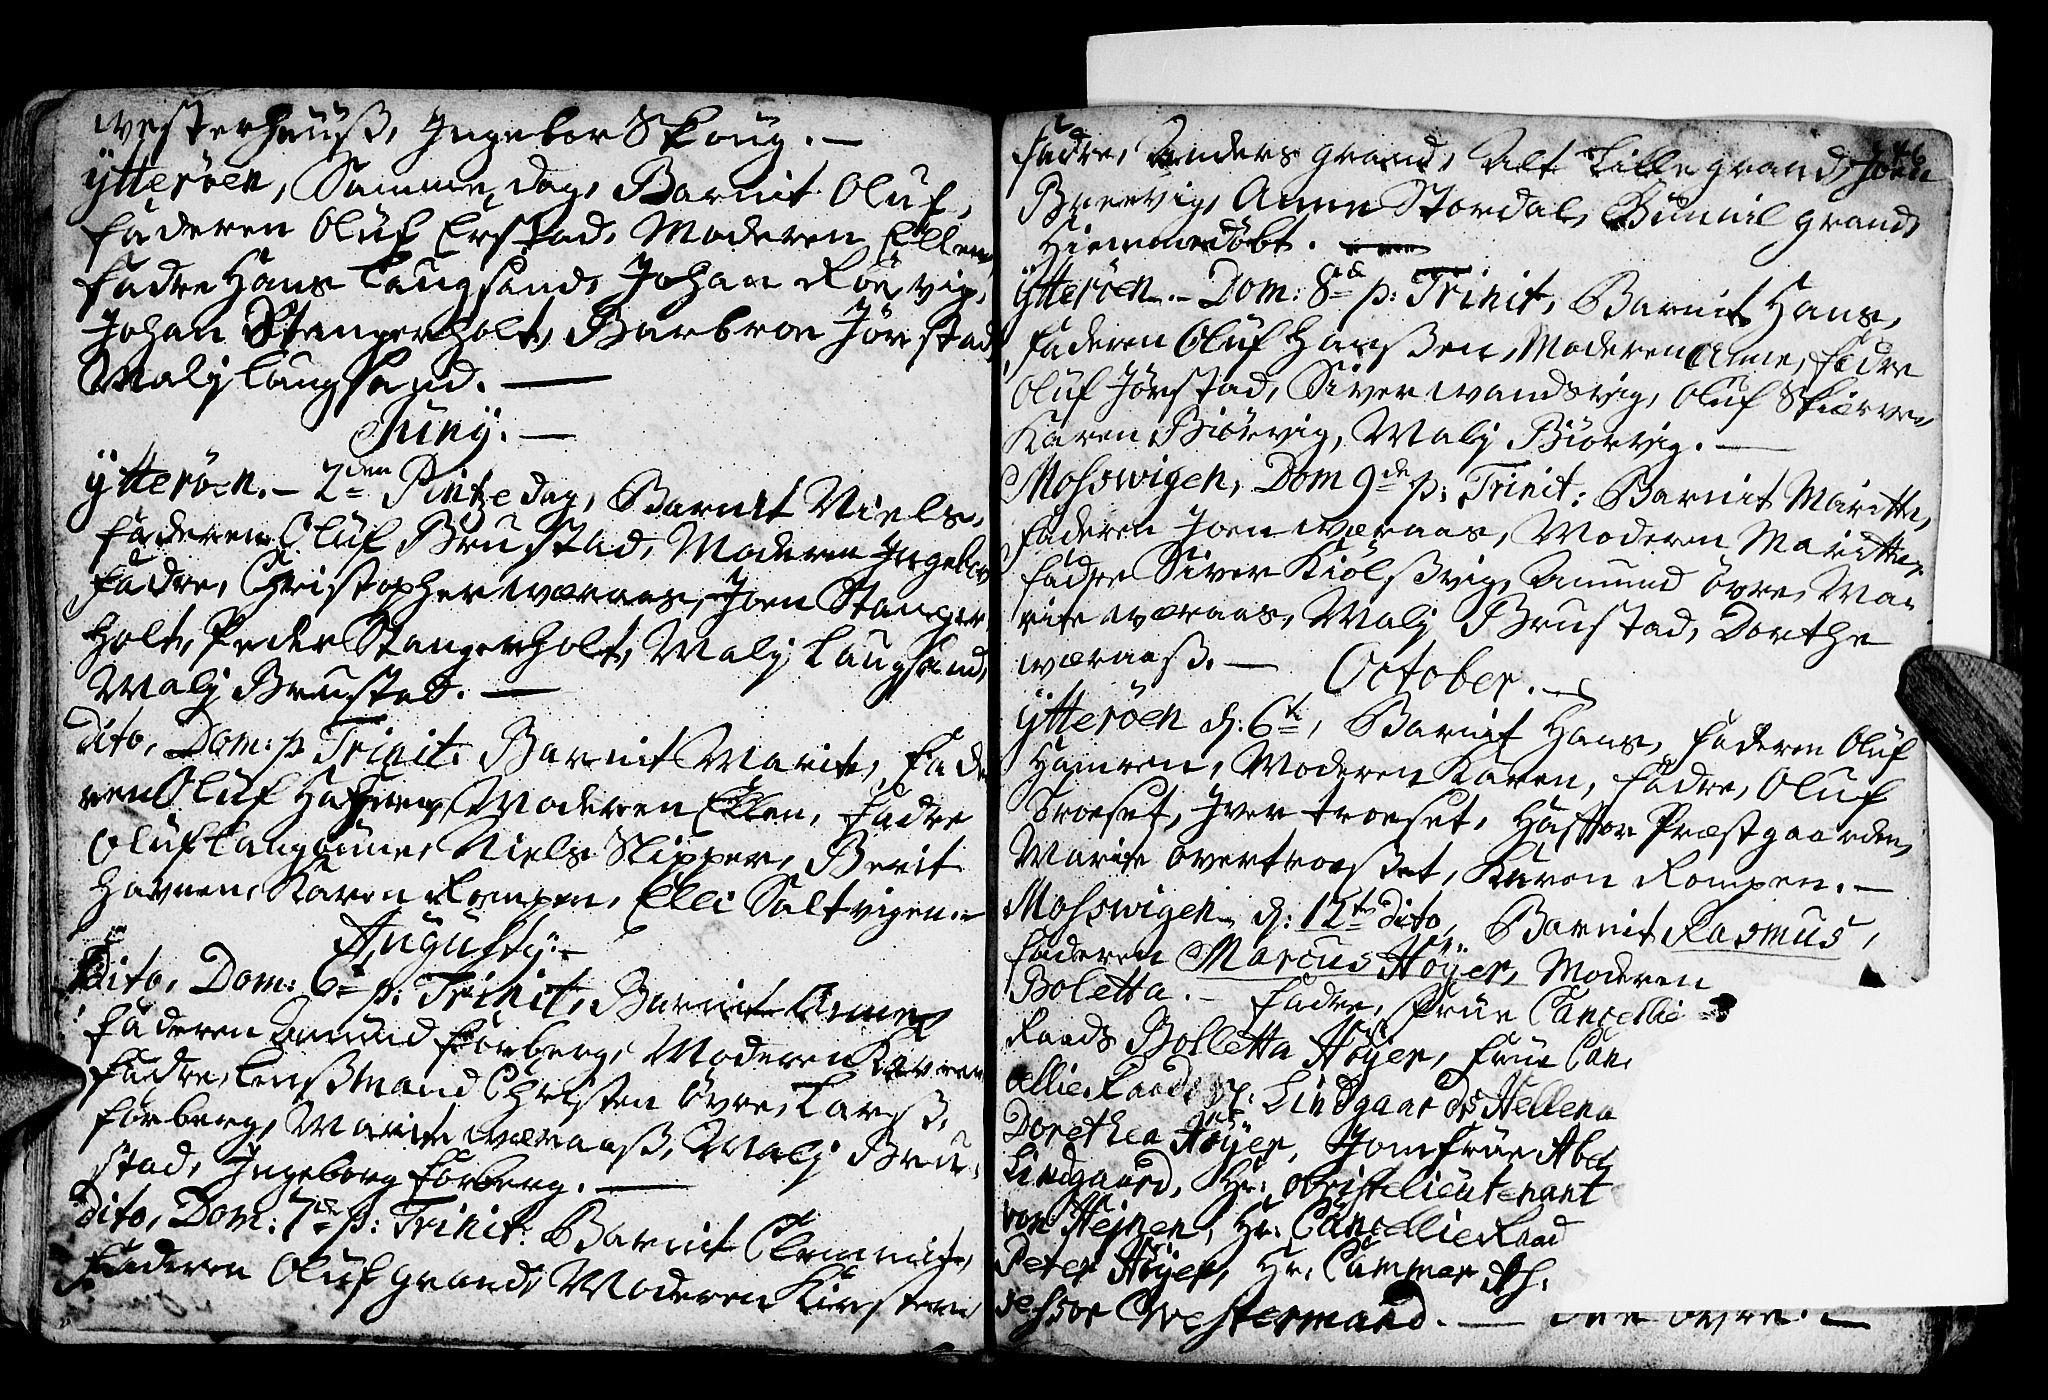 SAT, Ministerialprotokoller, klokkerbøker og fødselsregistre - Nord-Trøndelag, 722/L0215: Parish register (official) no. 722A02, 1718-1755, p. 46